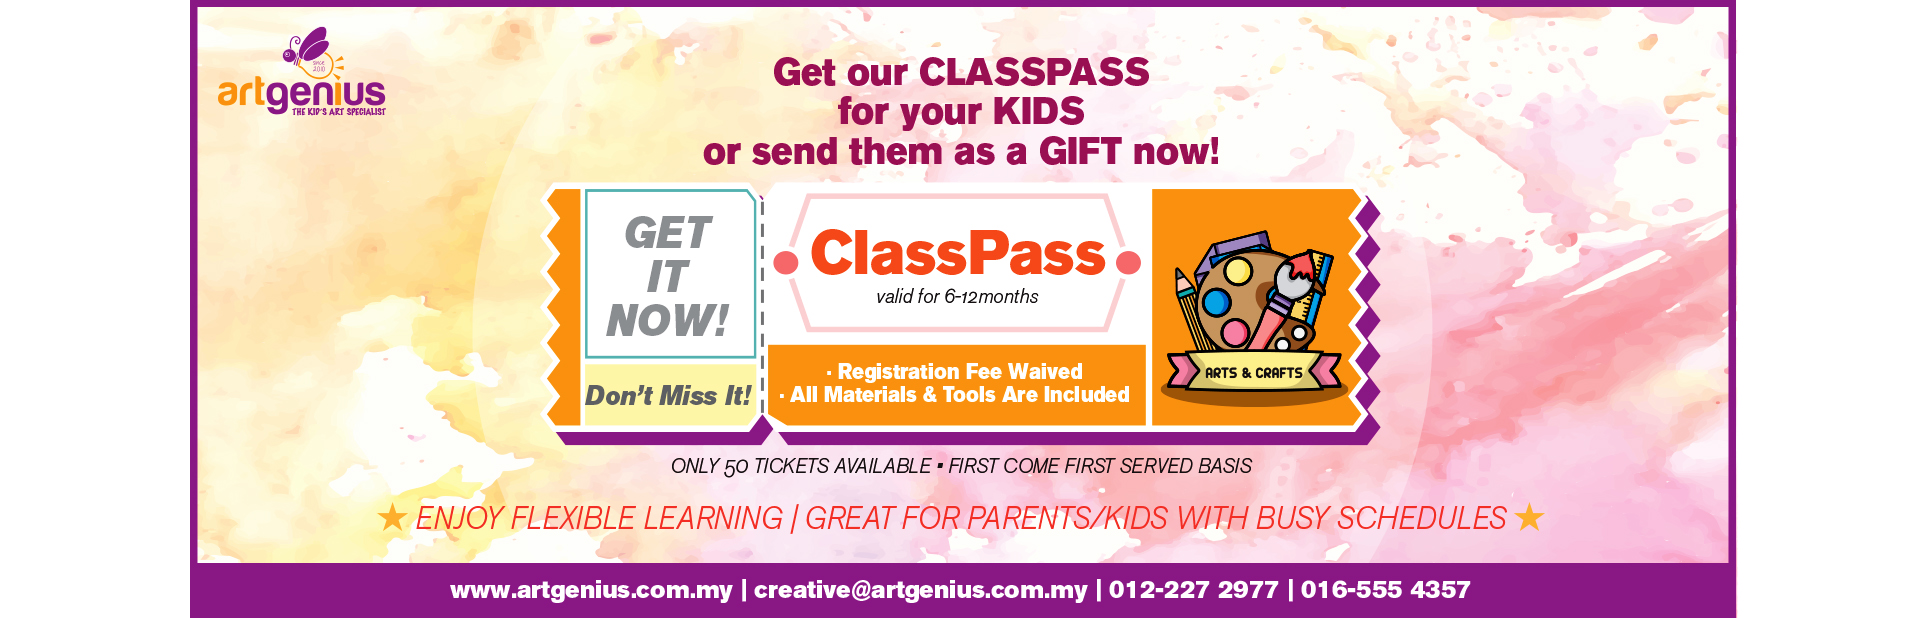 classpass-2020-web-banner